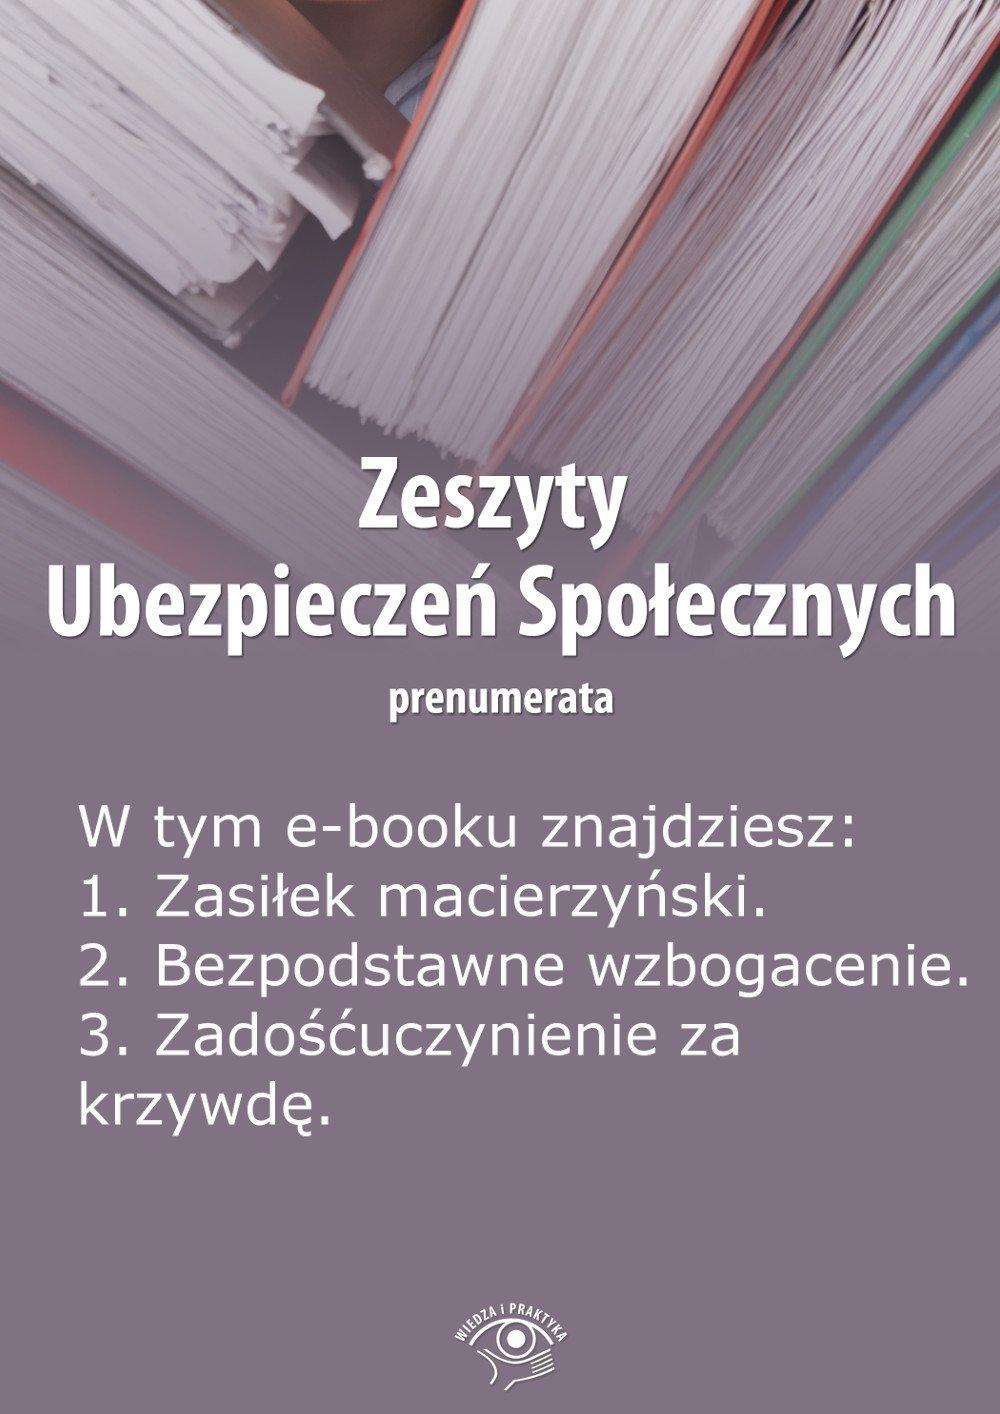 Zeszyty Ubezpieczeń Społecznych. Wydanie luty 2014 r. - Ebook (Książka EPUB) do pobrania w formacie EPUB